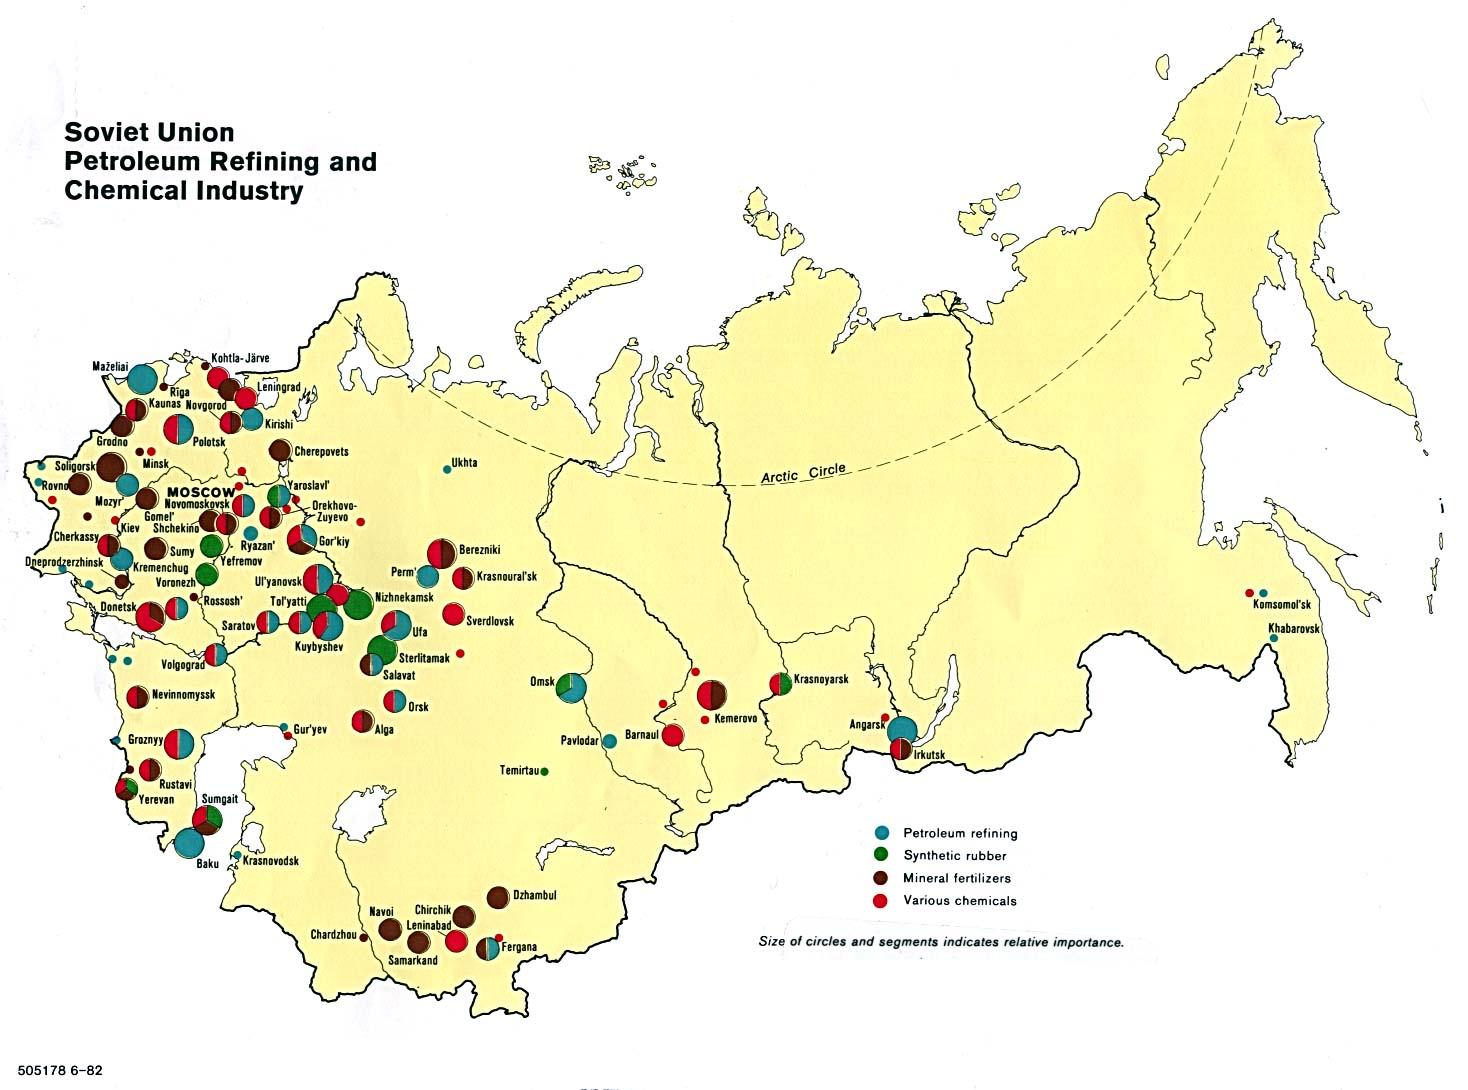 Mapa de las Refinerías de Petróleo y de la Industria Química en la ex Unión Soviética